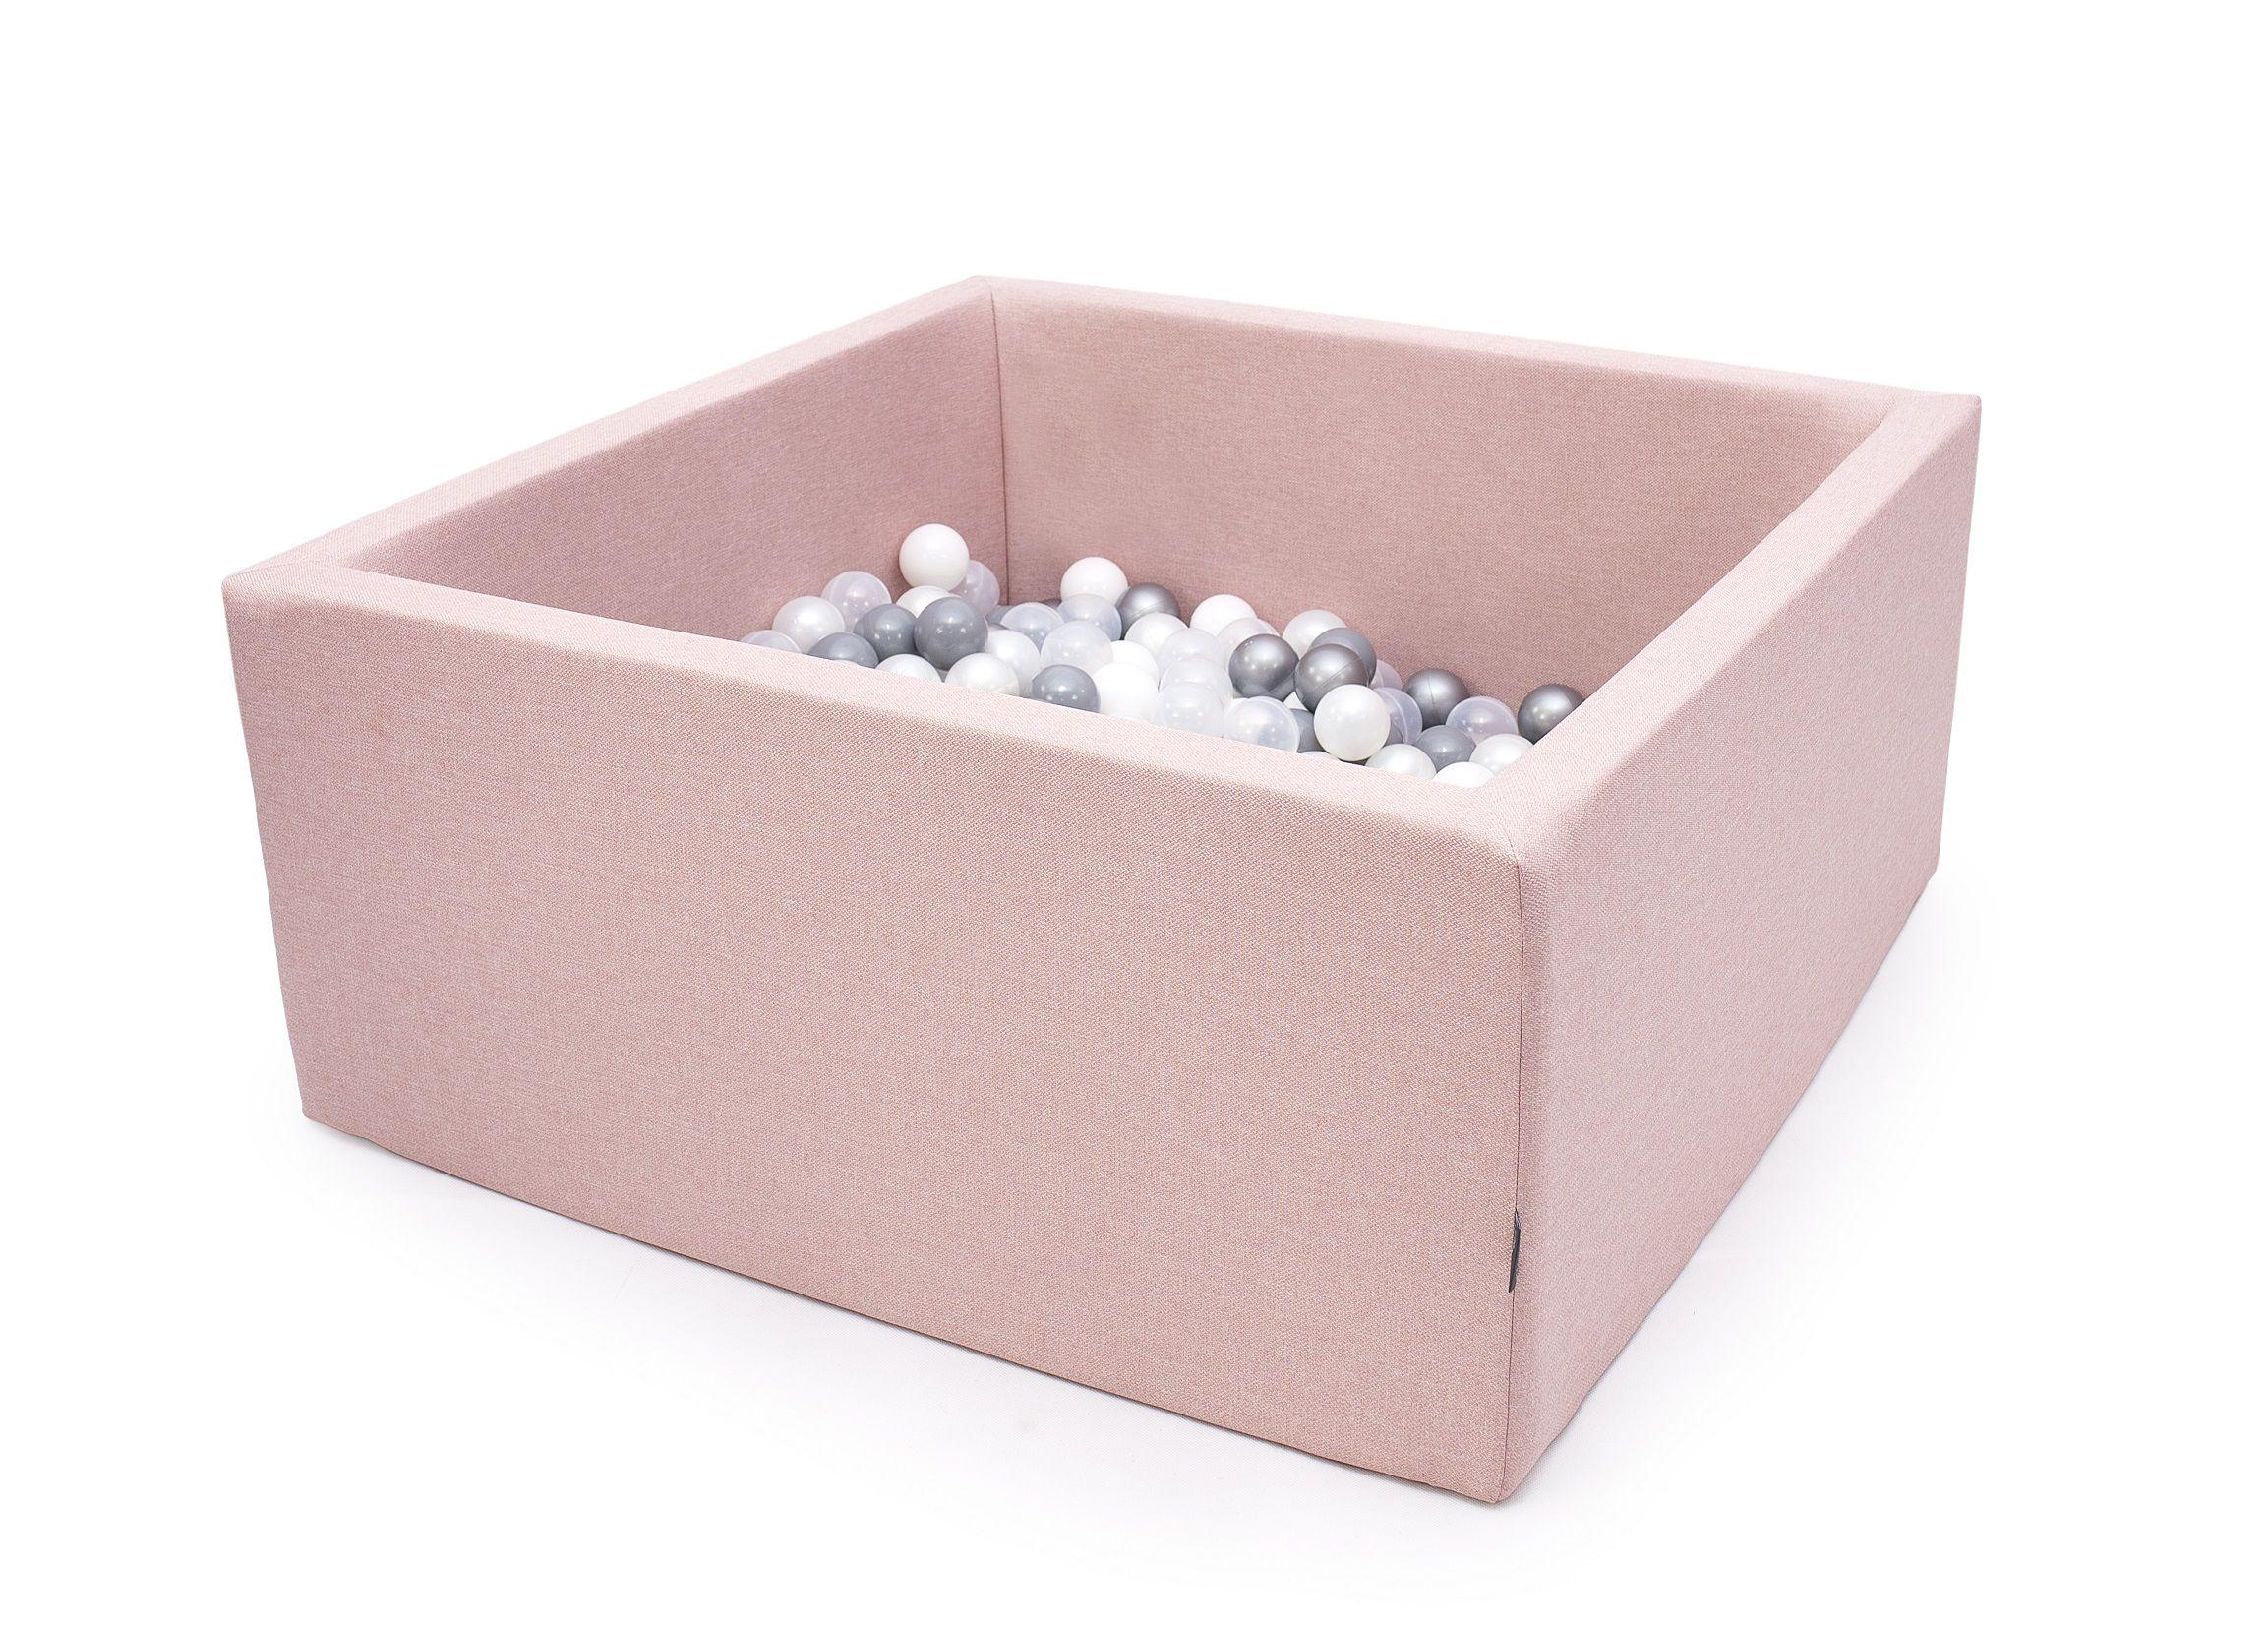 La Piscine À Balles Devient L'élément Incontournable Ludique ... pour Piscine A Balle En Mousse